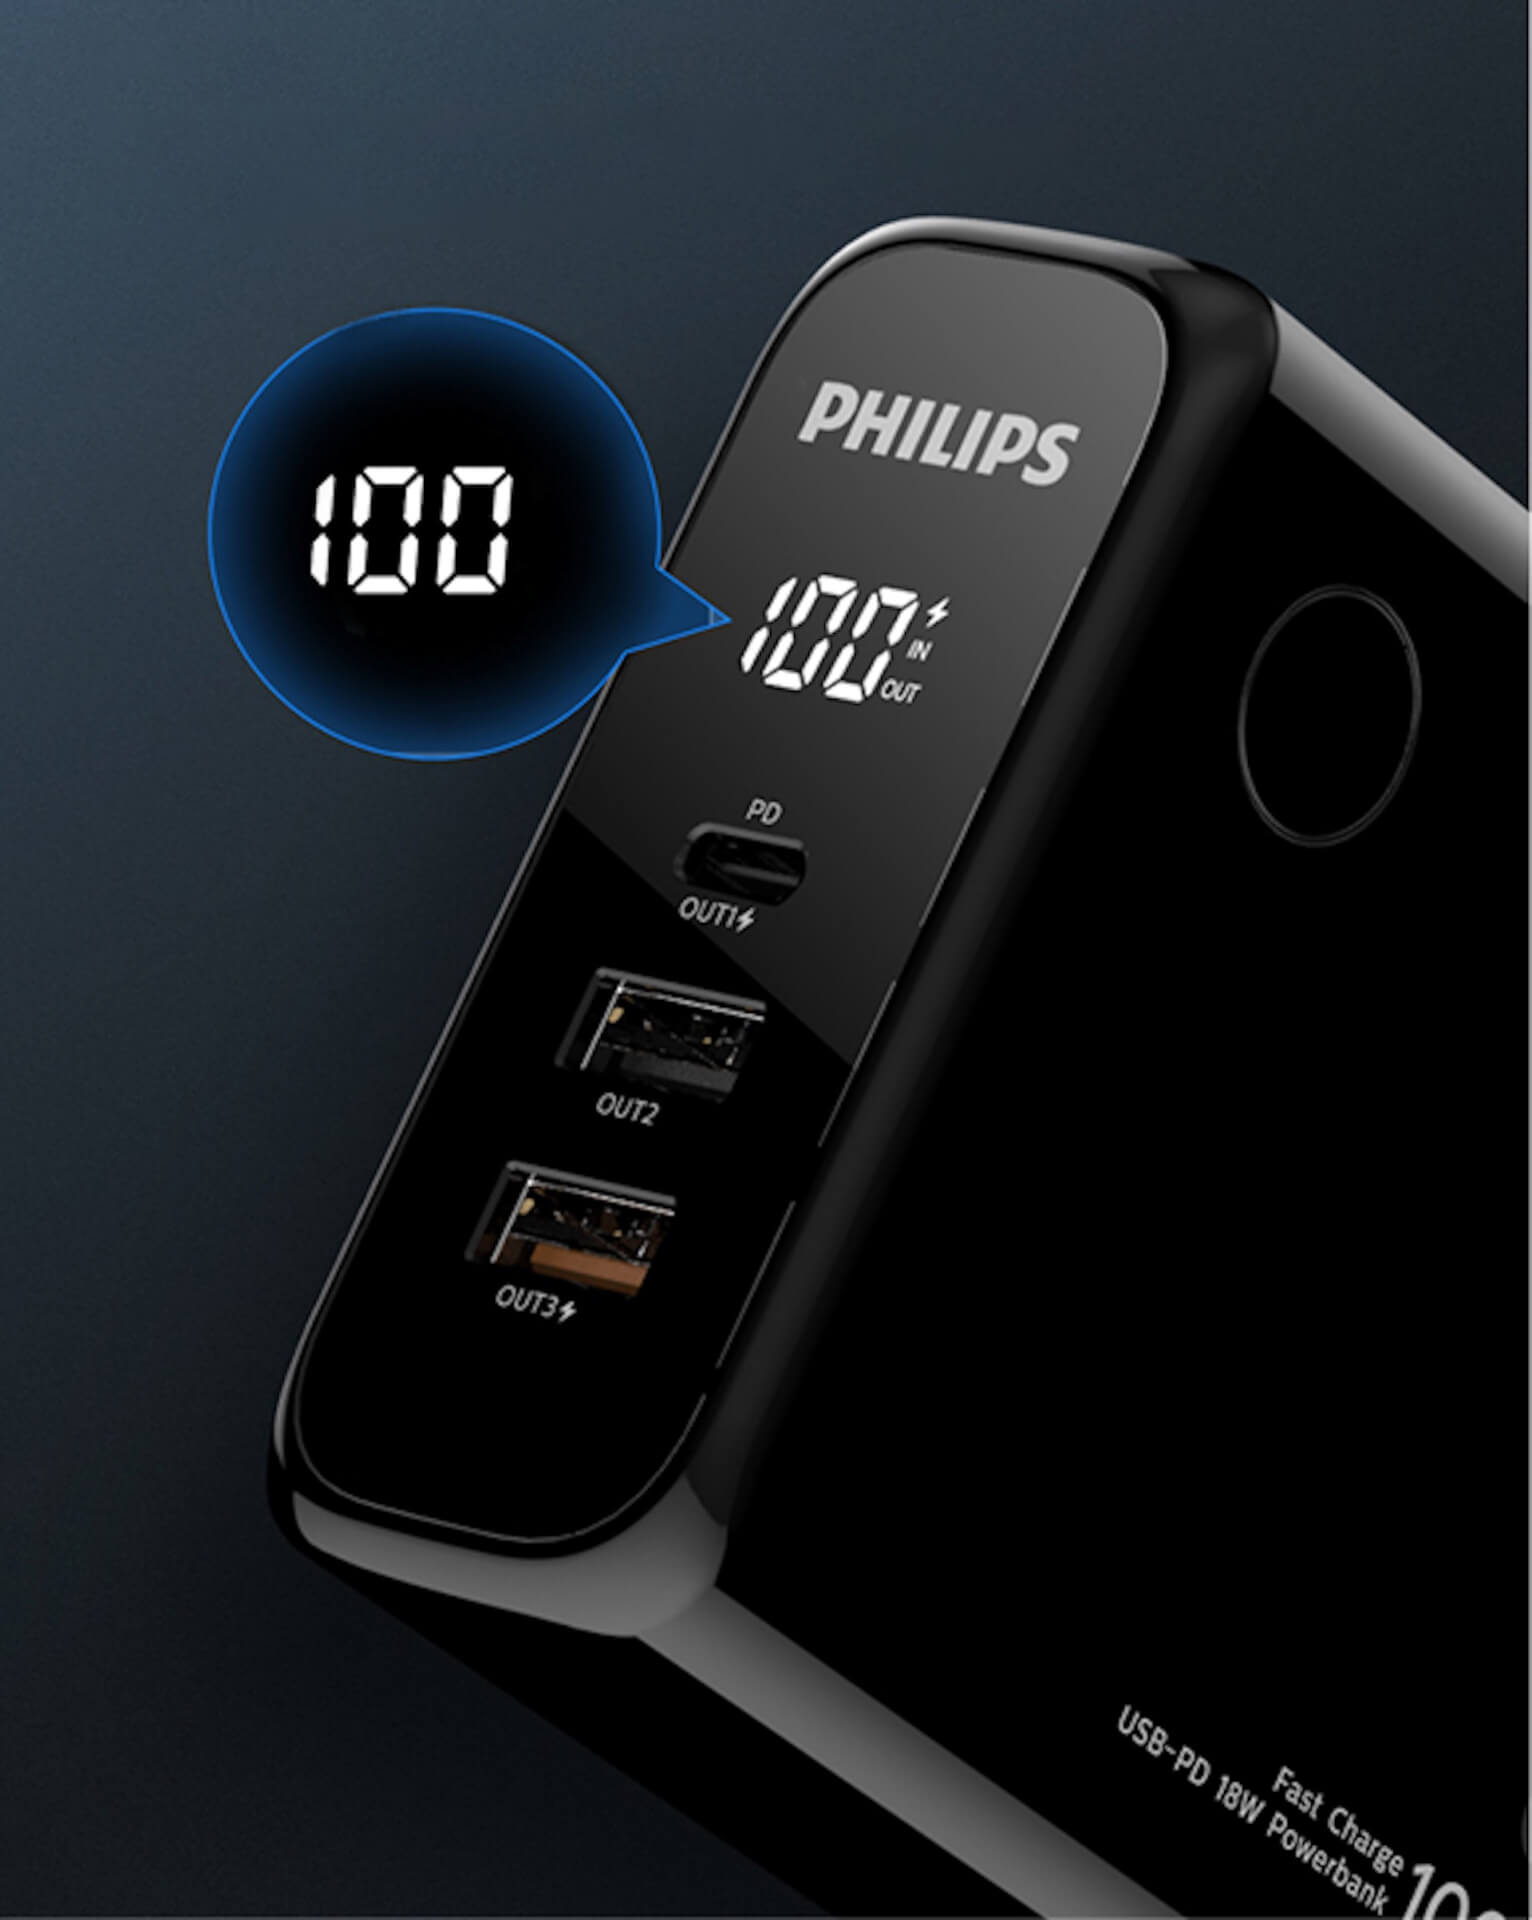 充電器とモバイルバッテリーが1つで完結するアダプターがPHILIPSから登場!クラウドファンディングにて先行販売が開始 tech200422_philips_06